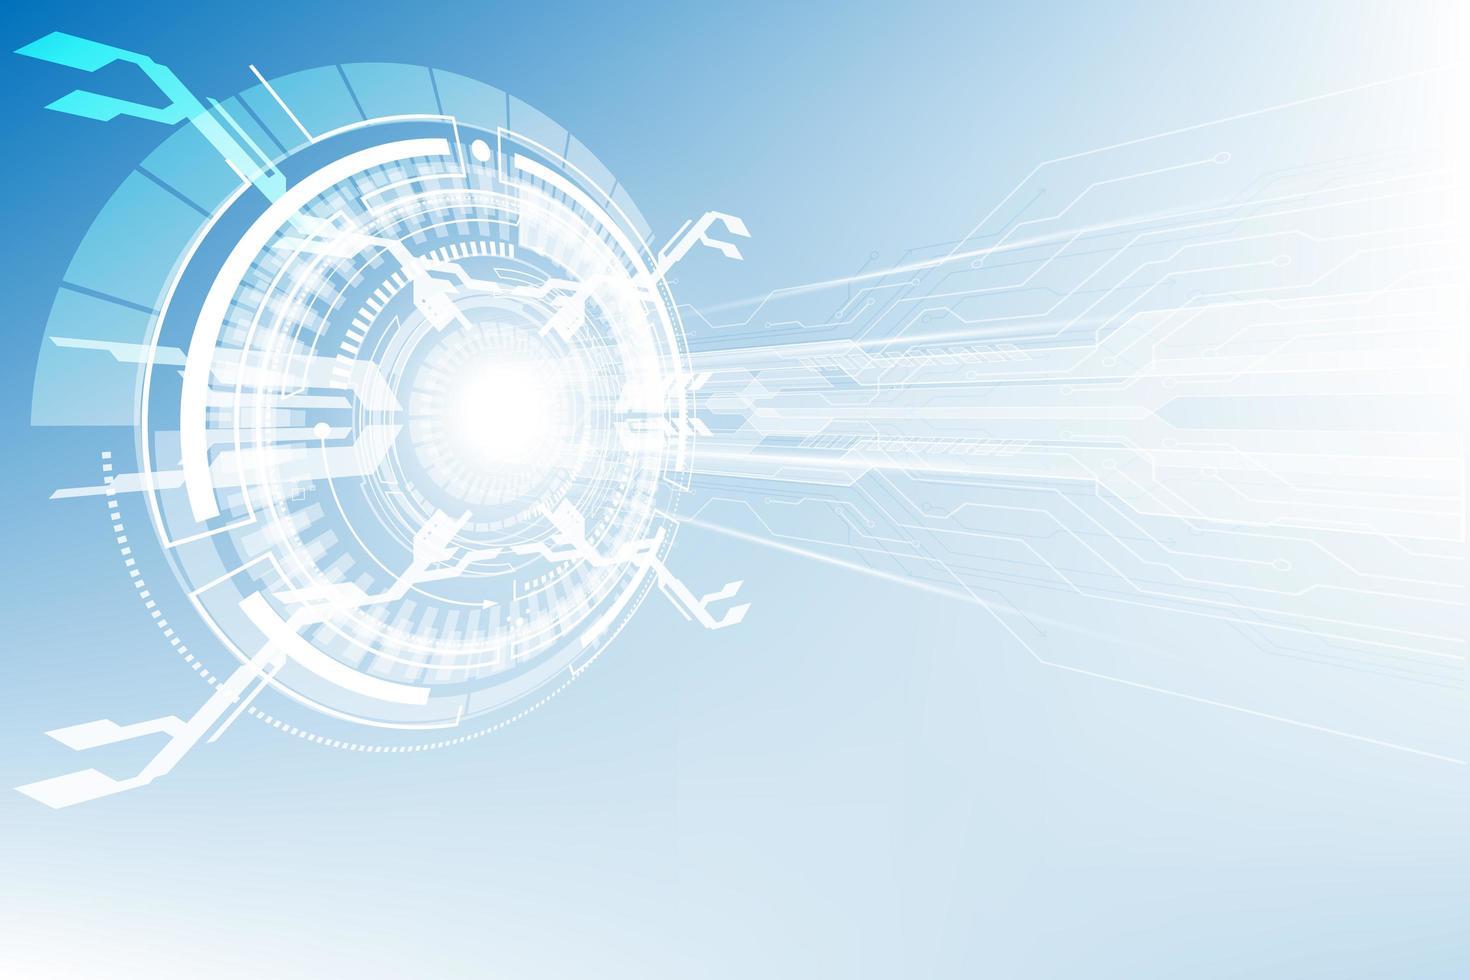 Fondo de tecnología digital futurista abstracto vector